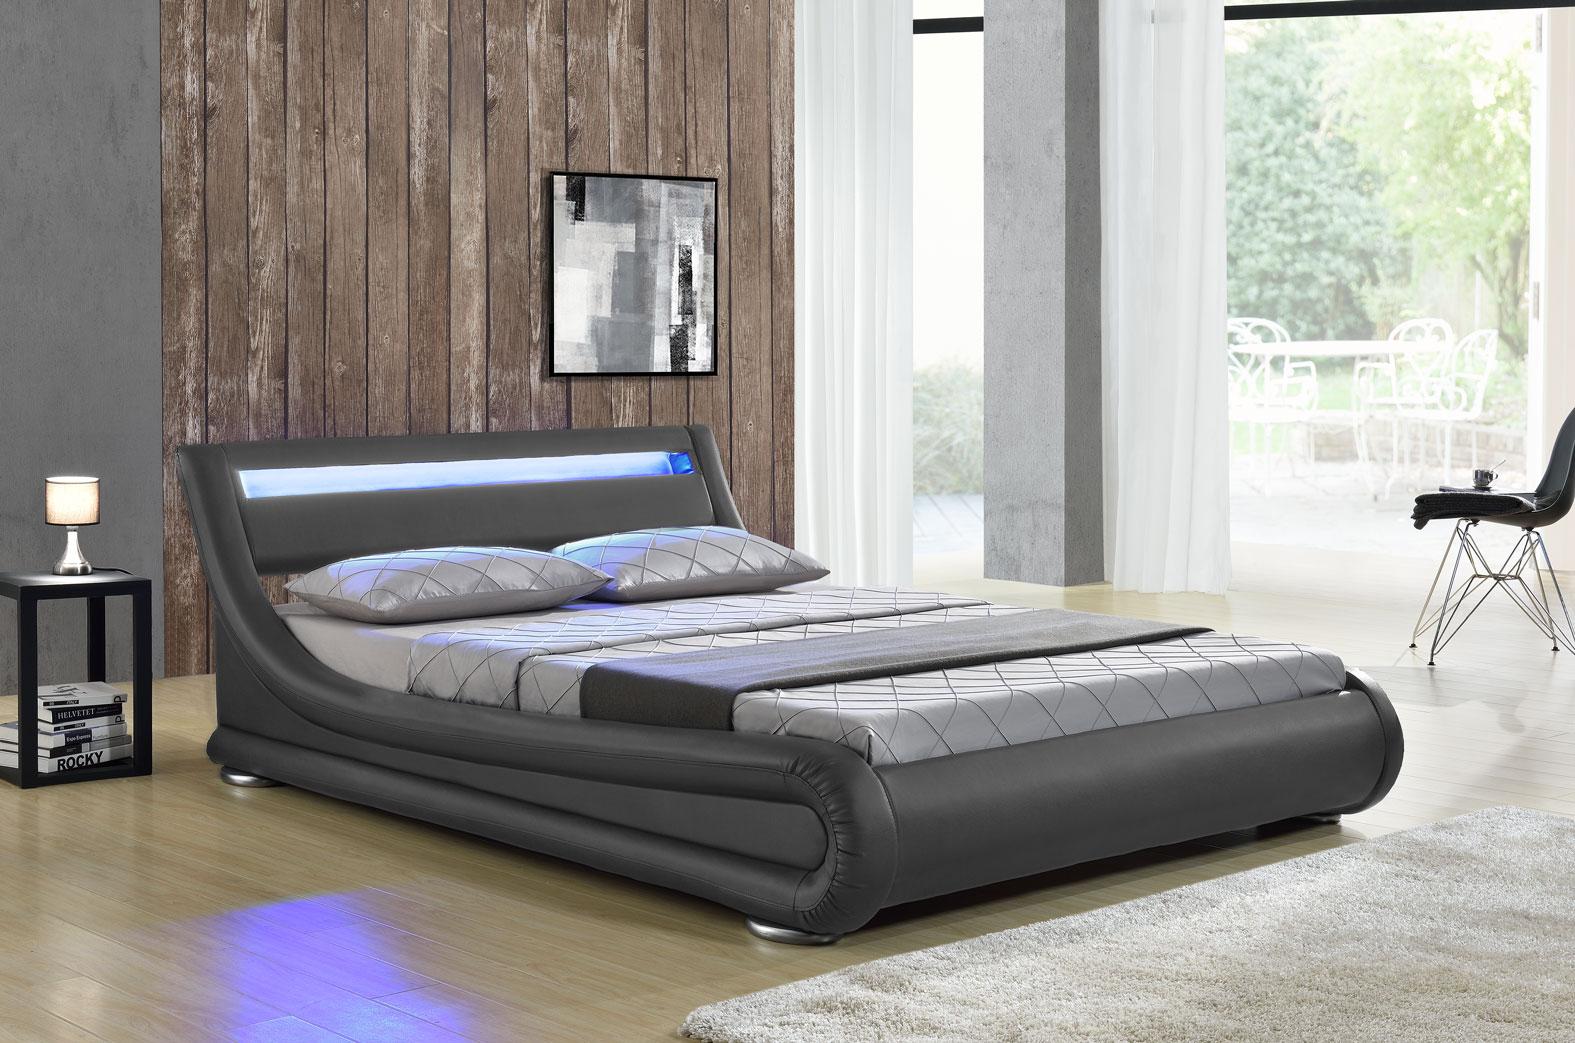 led bett seoul doppelbett polsterbett lattenrost. Black Bedroom Furniture Sets. Home Design Ideas